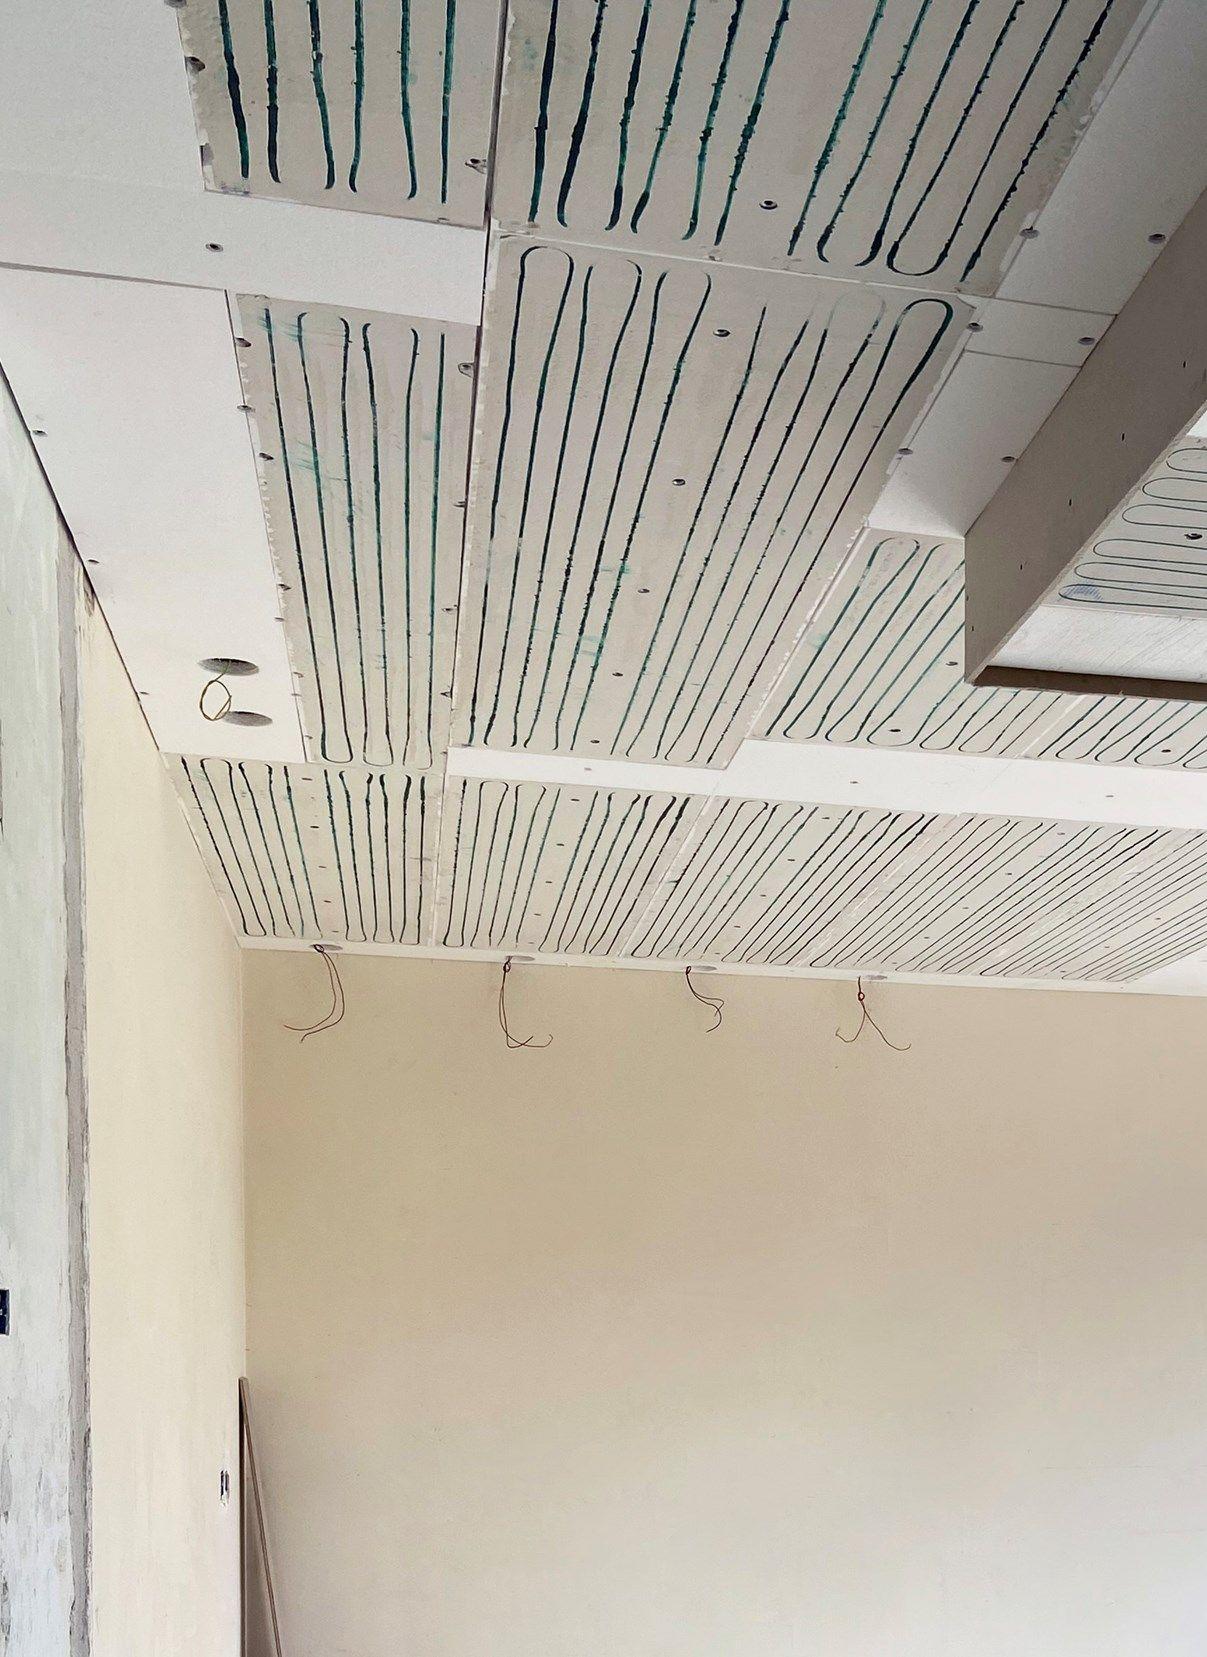 Impianto radiante a soffitto RDZ per la ristrutturazione di una casa degli anni 70